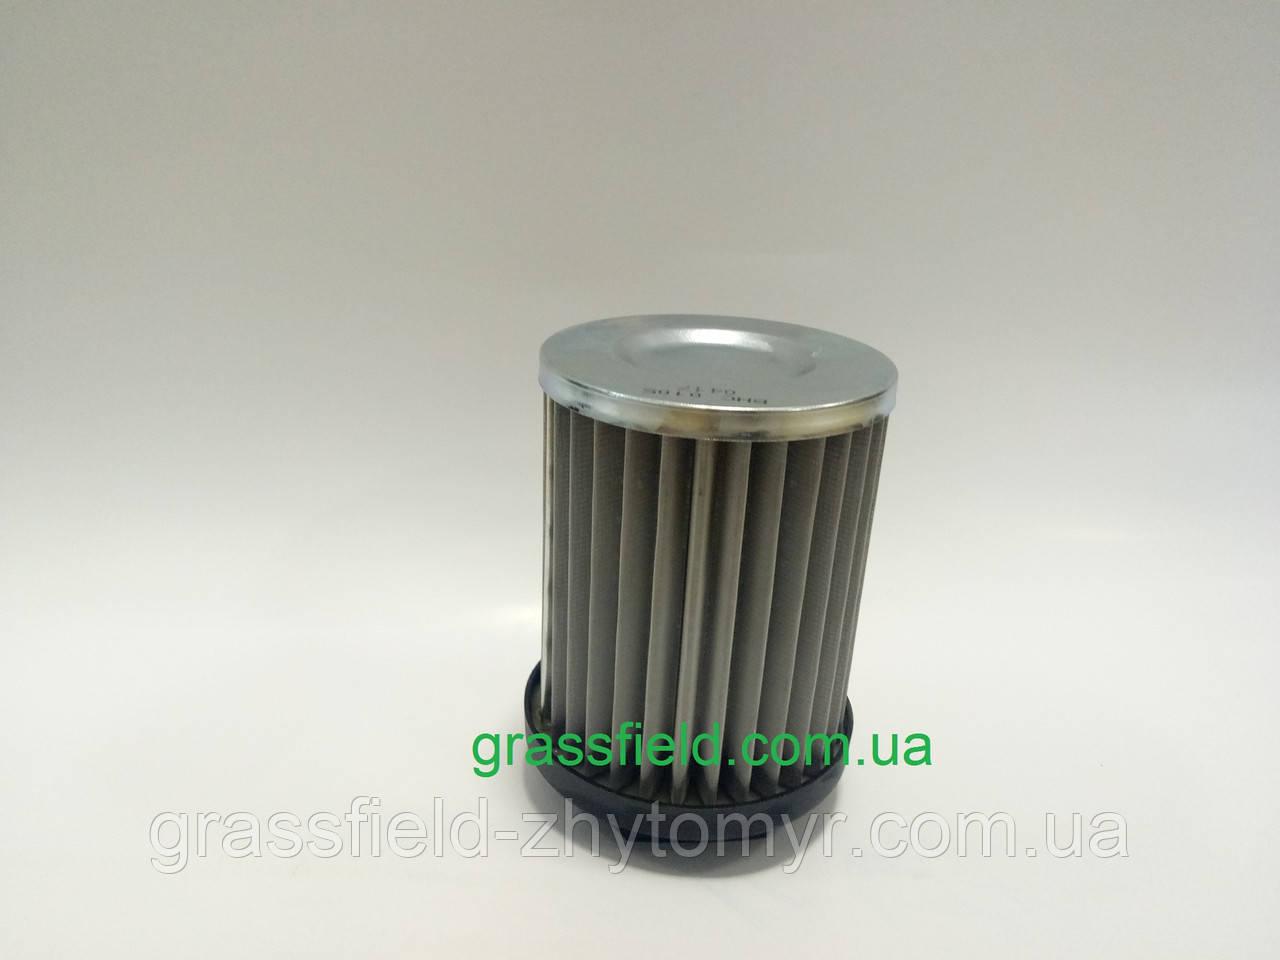 Фільтр гідравлічний, бака BHC0105 до телескопічного навантажувача DIECI